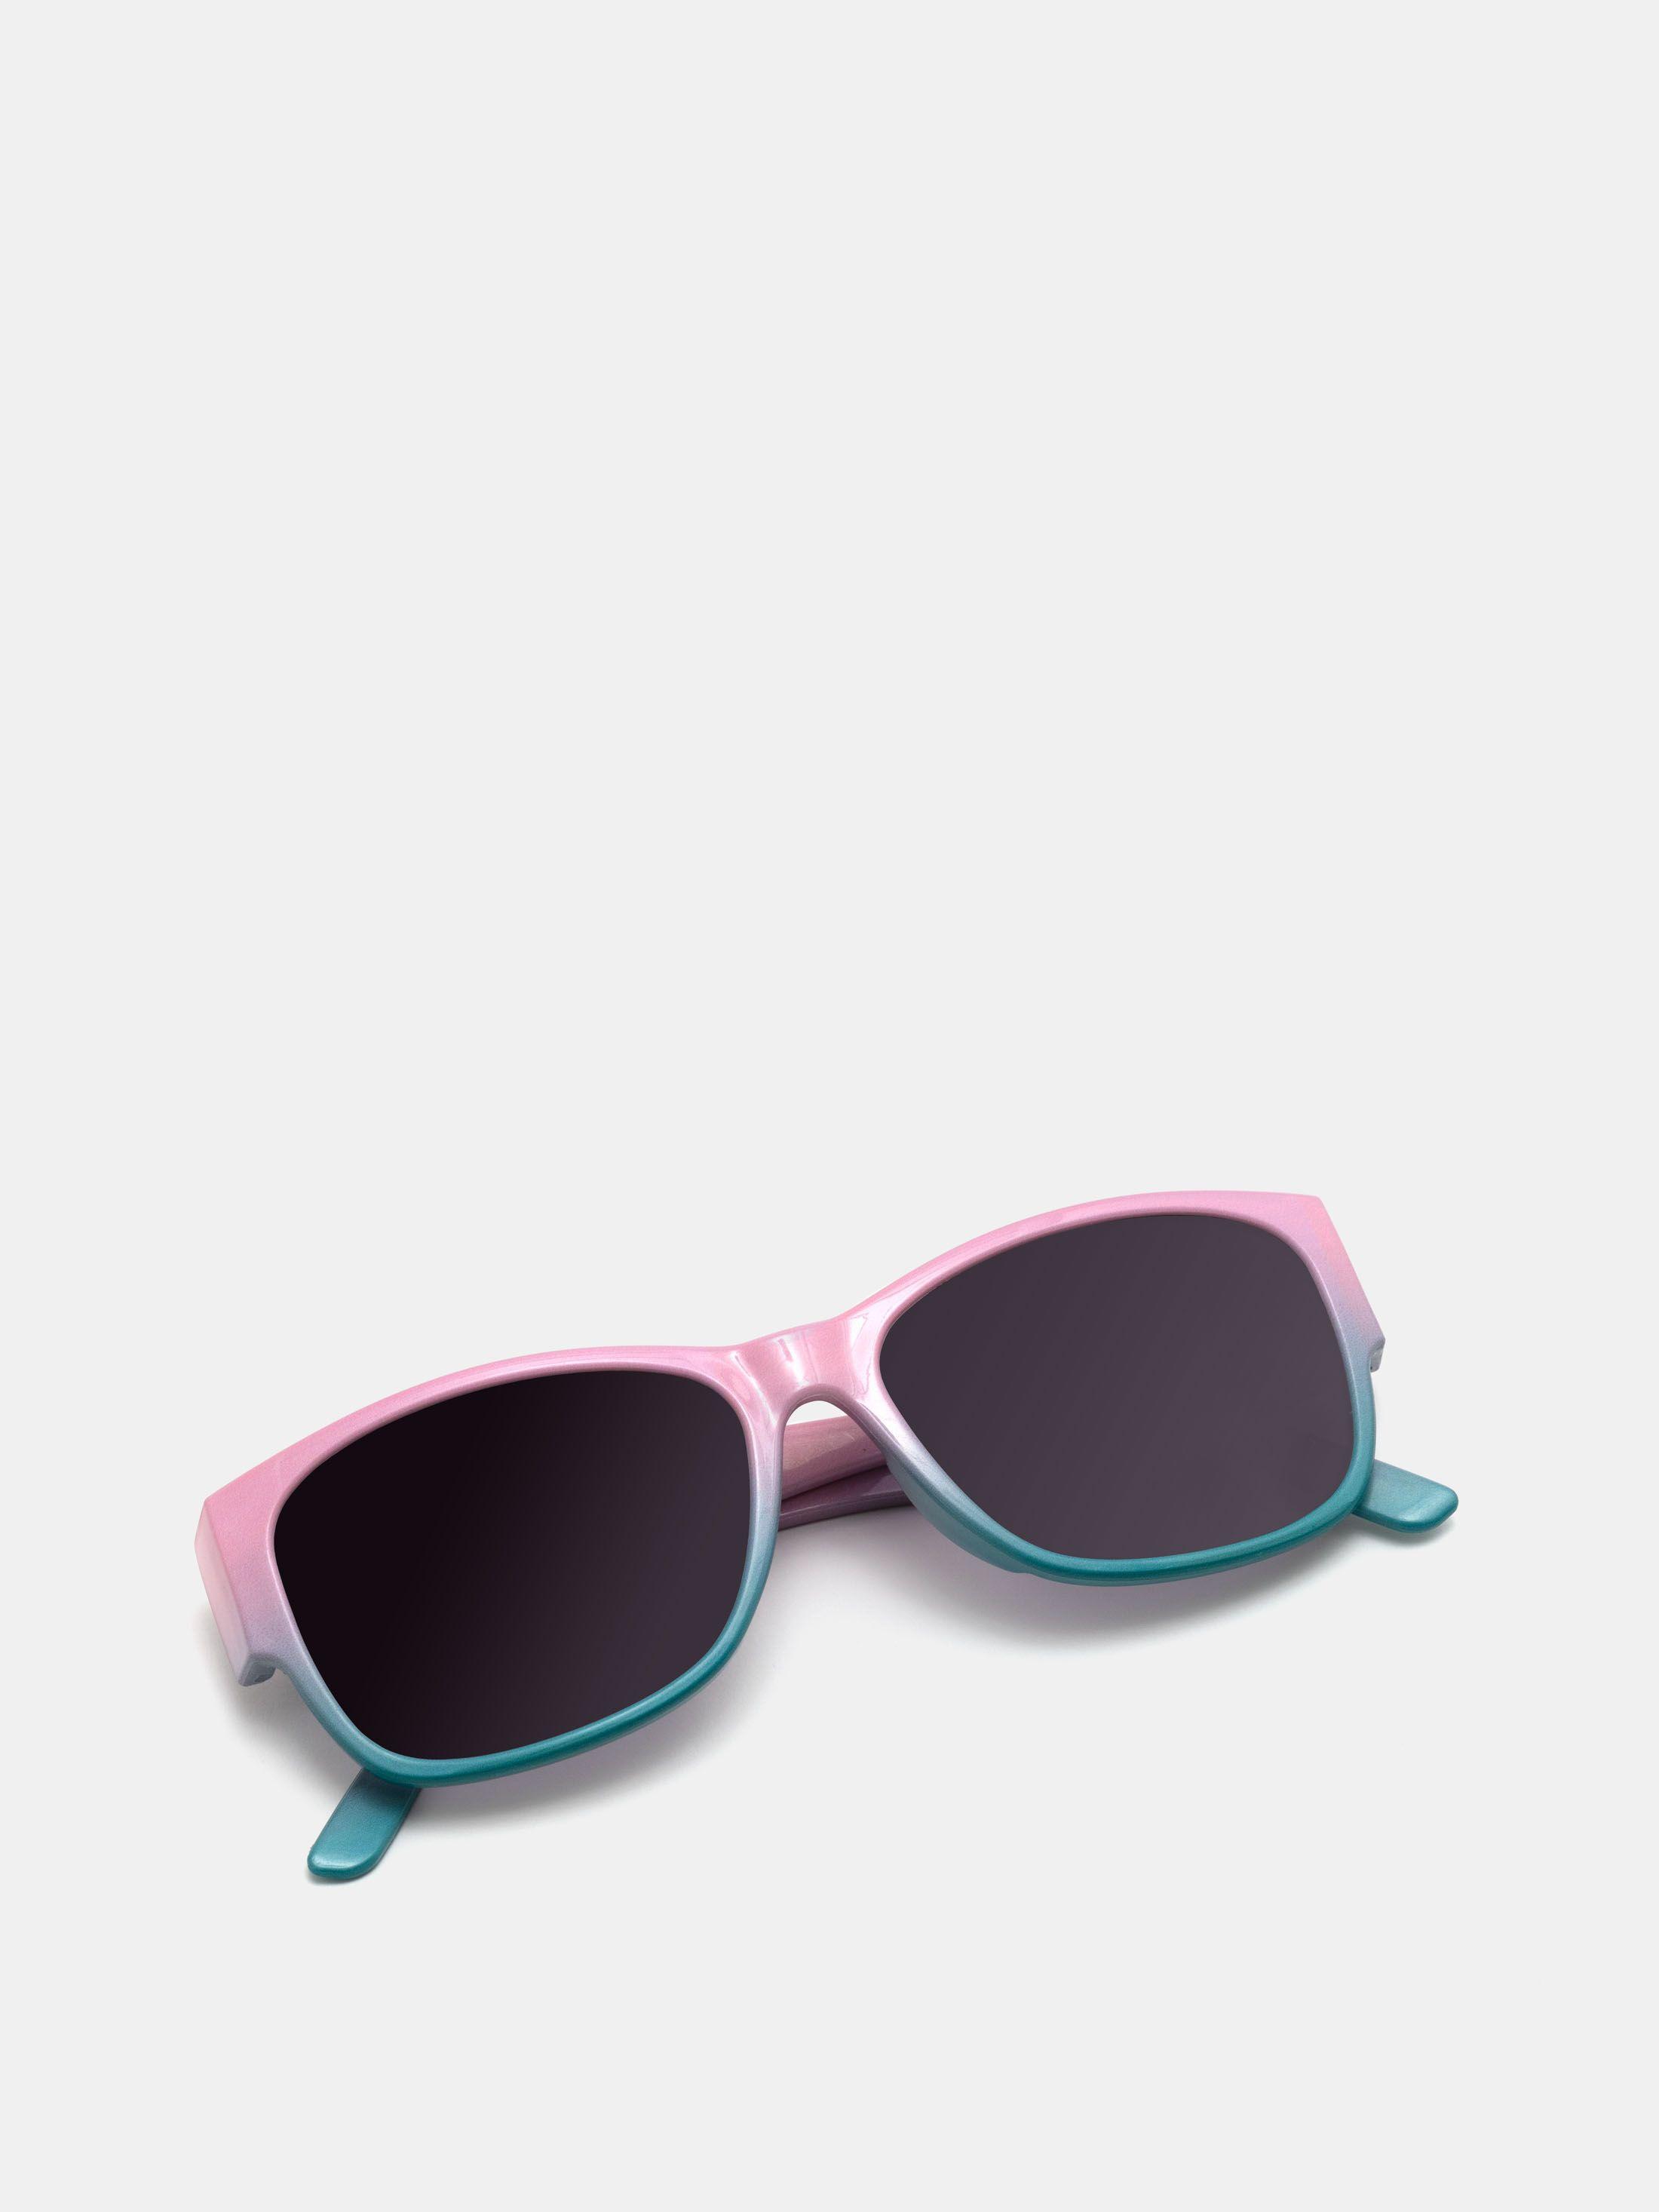 hacer gafas de sol personalizadas online